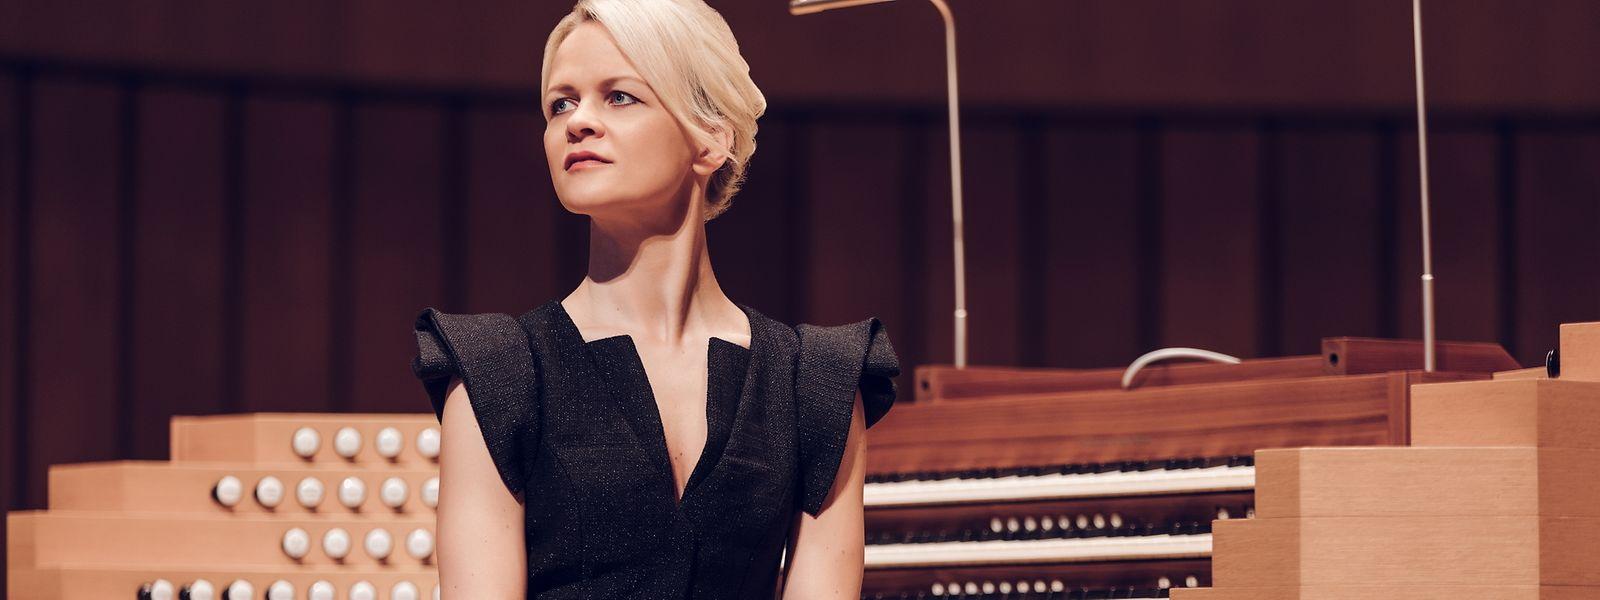 Ivata Apkalna ist eine der wenigen Frauen im Orgel-Genre.